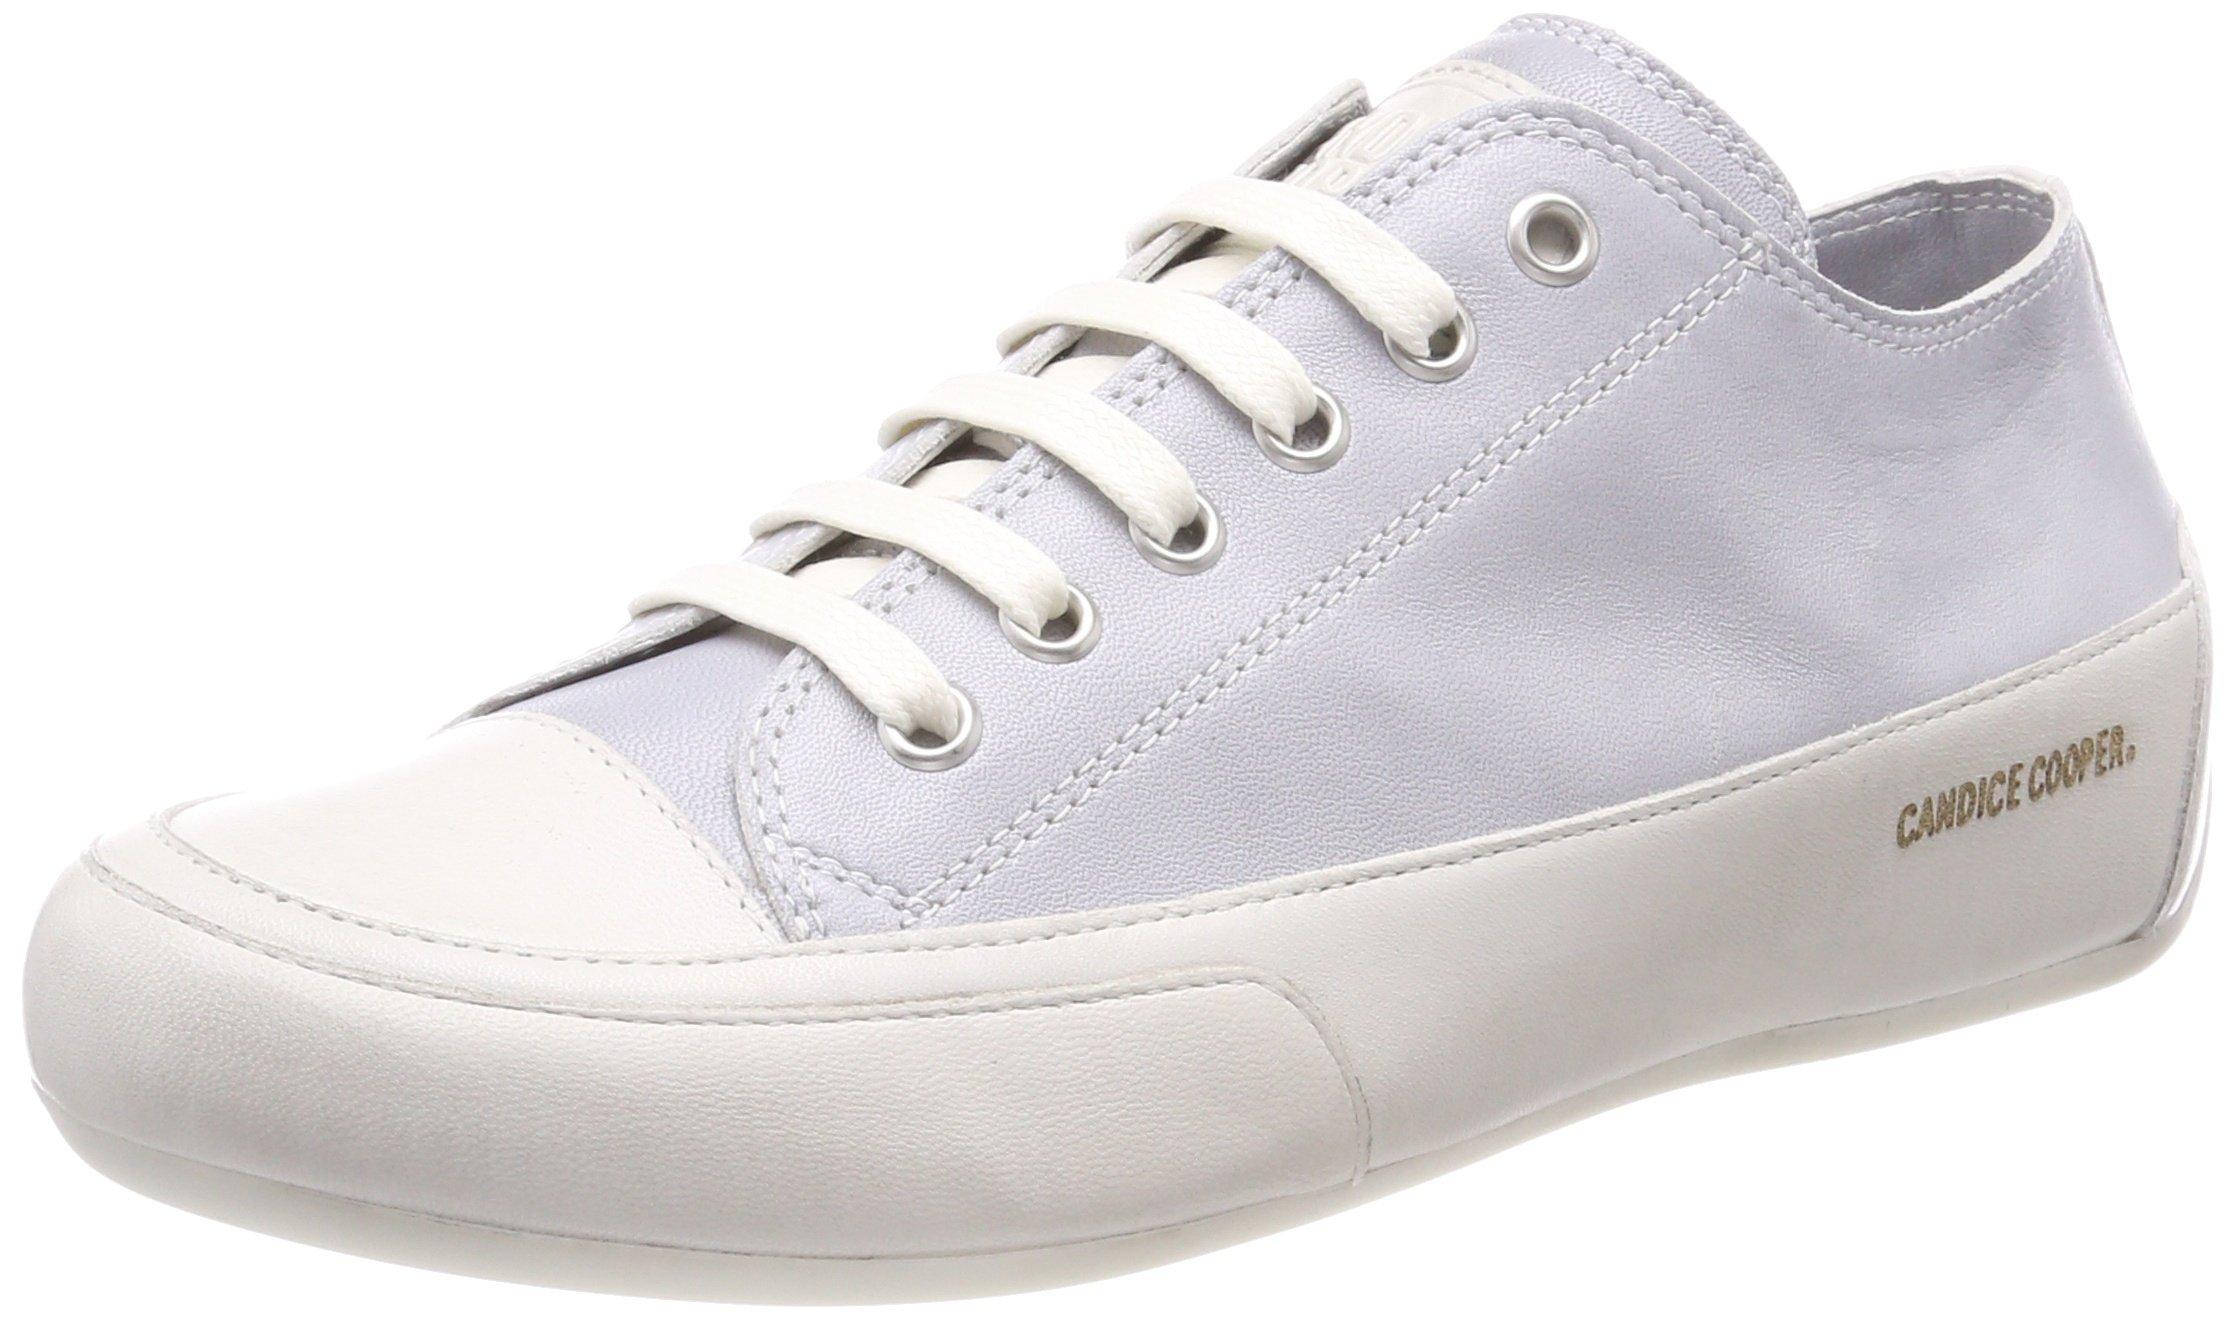 Candice Cooper Damen Crust Sneaker, Weiß (Bianco2), 36 EU